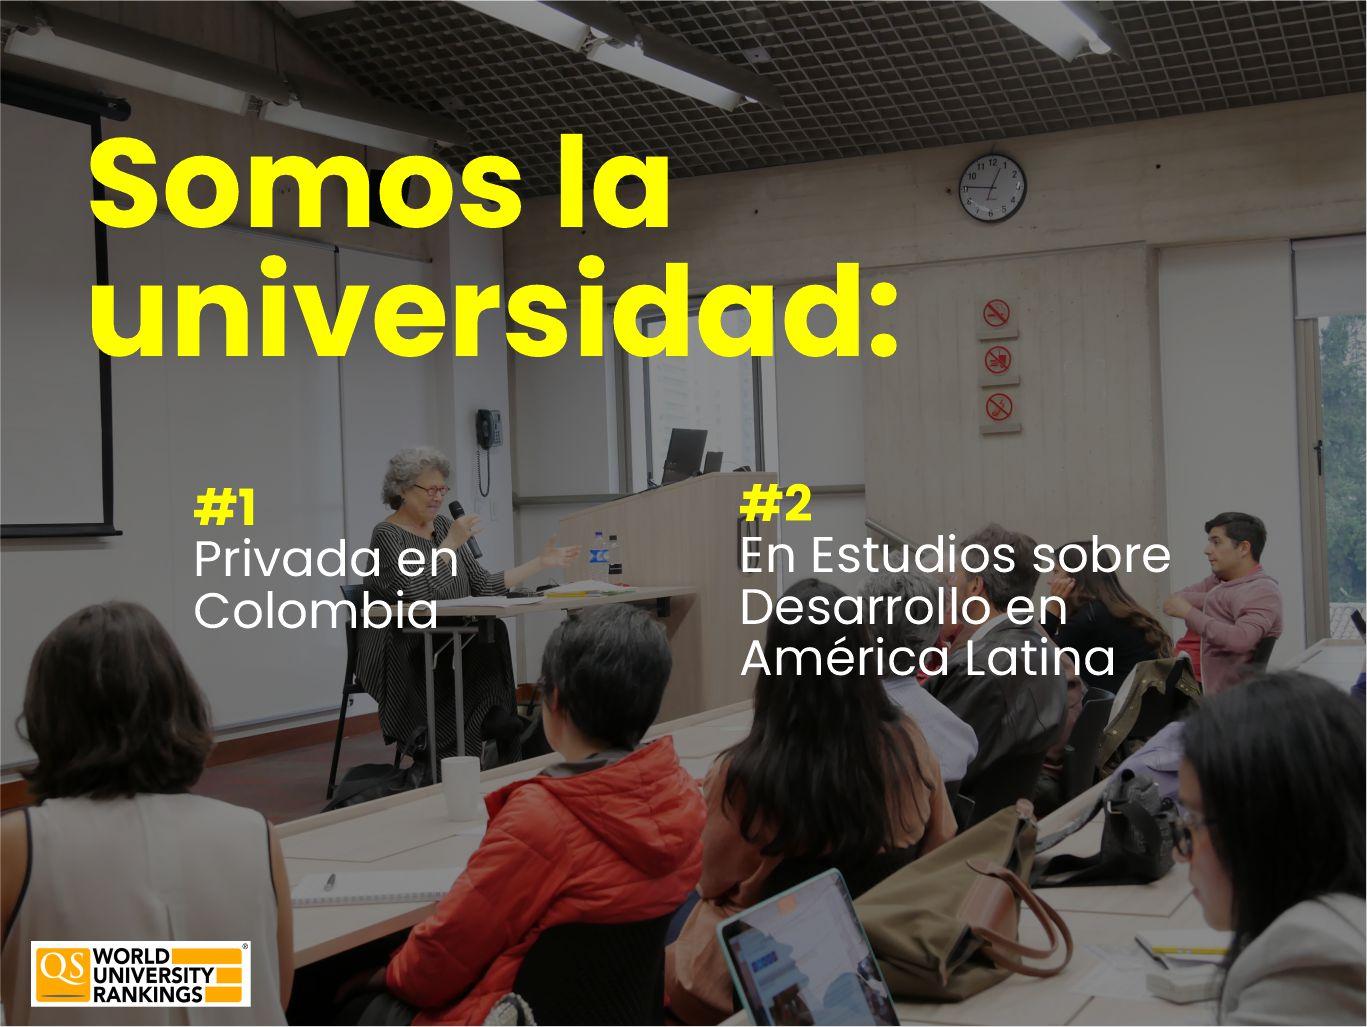 Los Estudios de Desarrollo de la Universidad de los Andes son número 1 en Colombia Cider | Uniandes